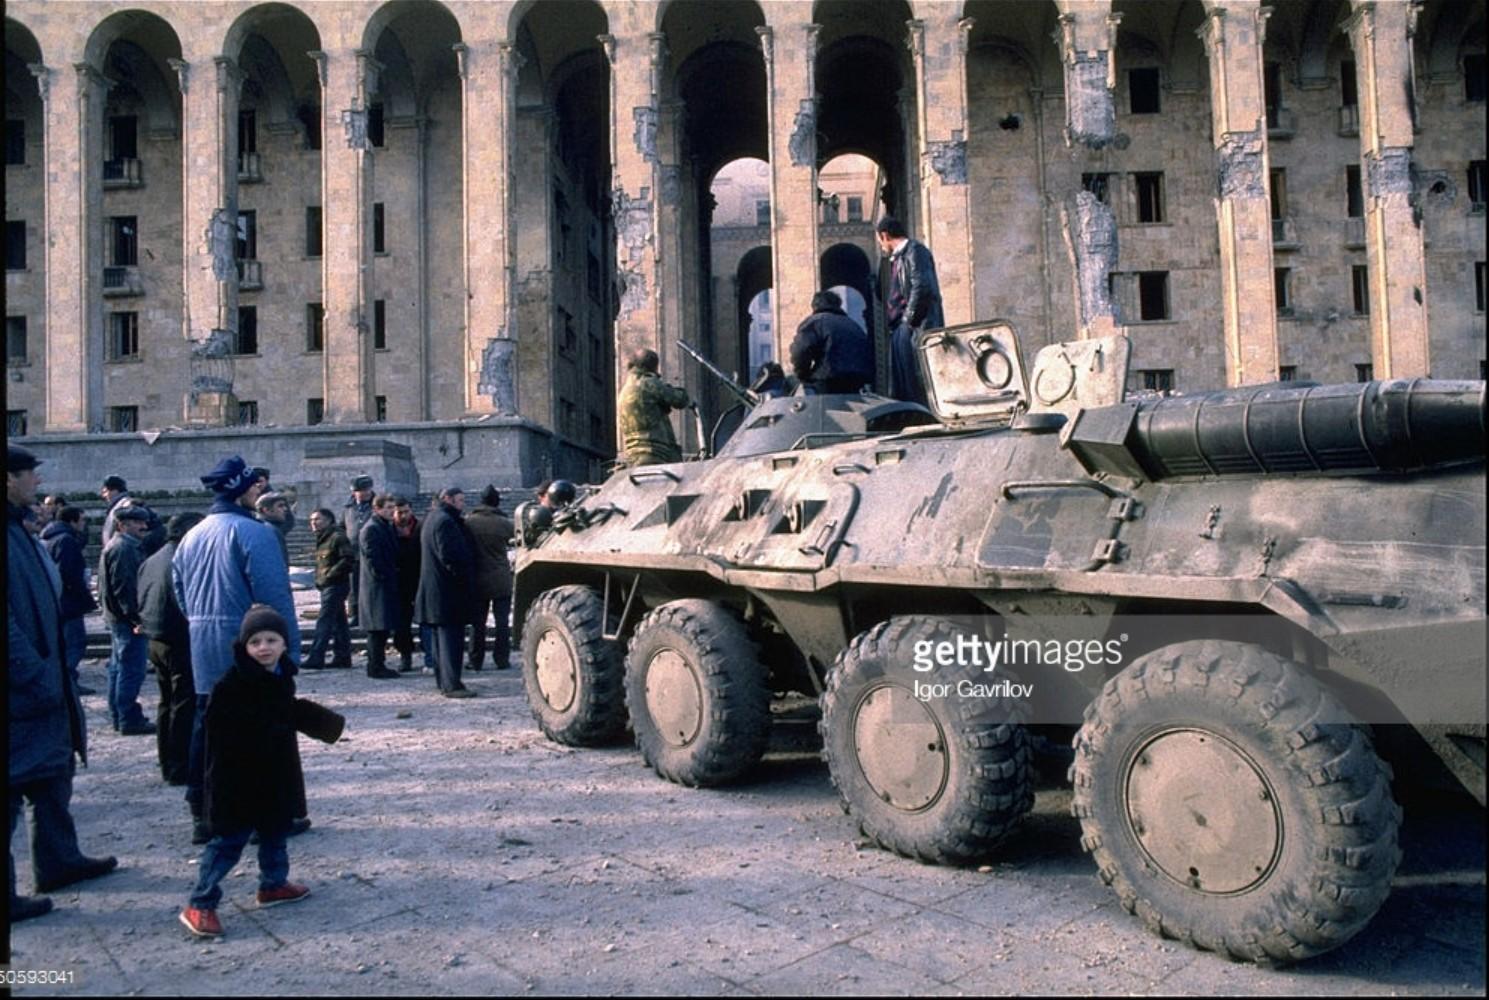 1991. 27 декабря. Тбилиси. Бойцы оппозиции на захваченном танке